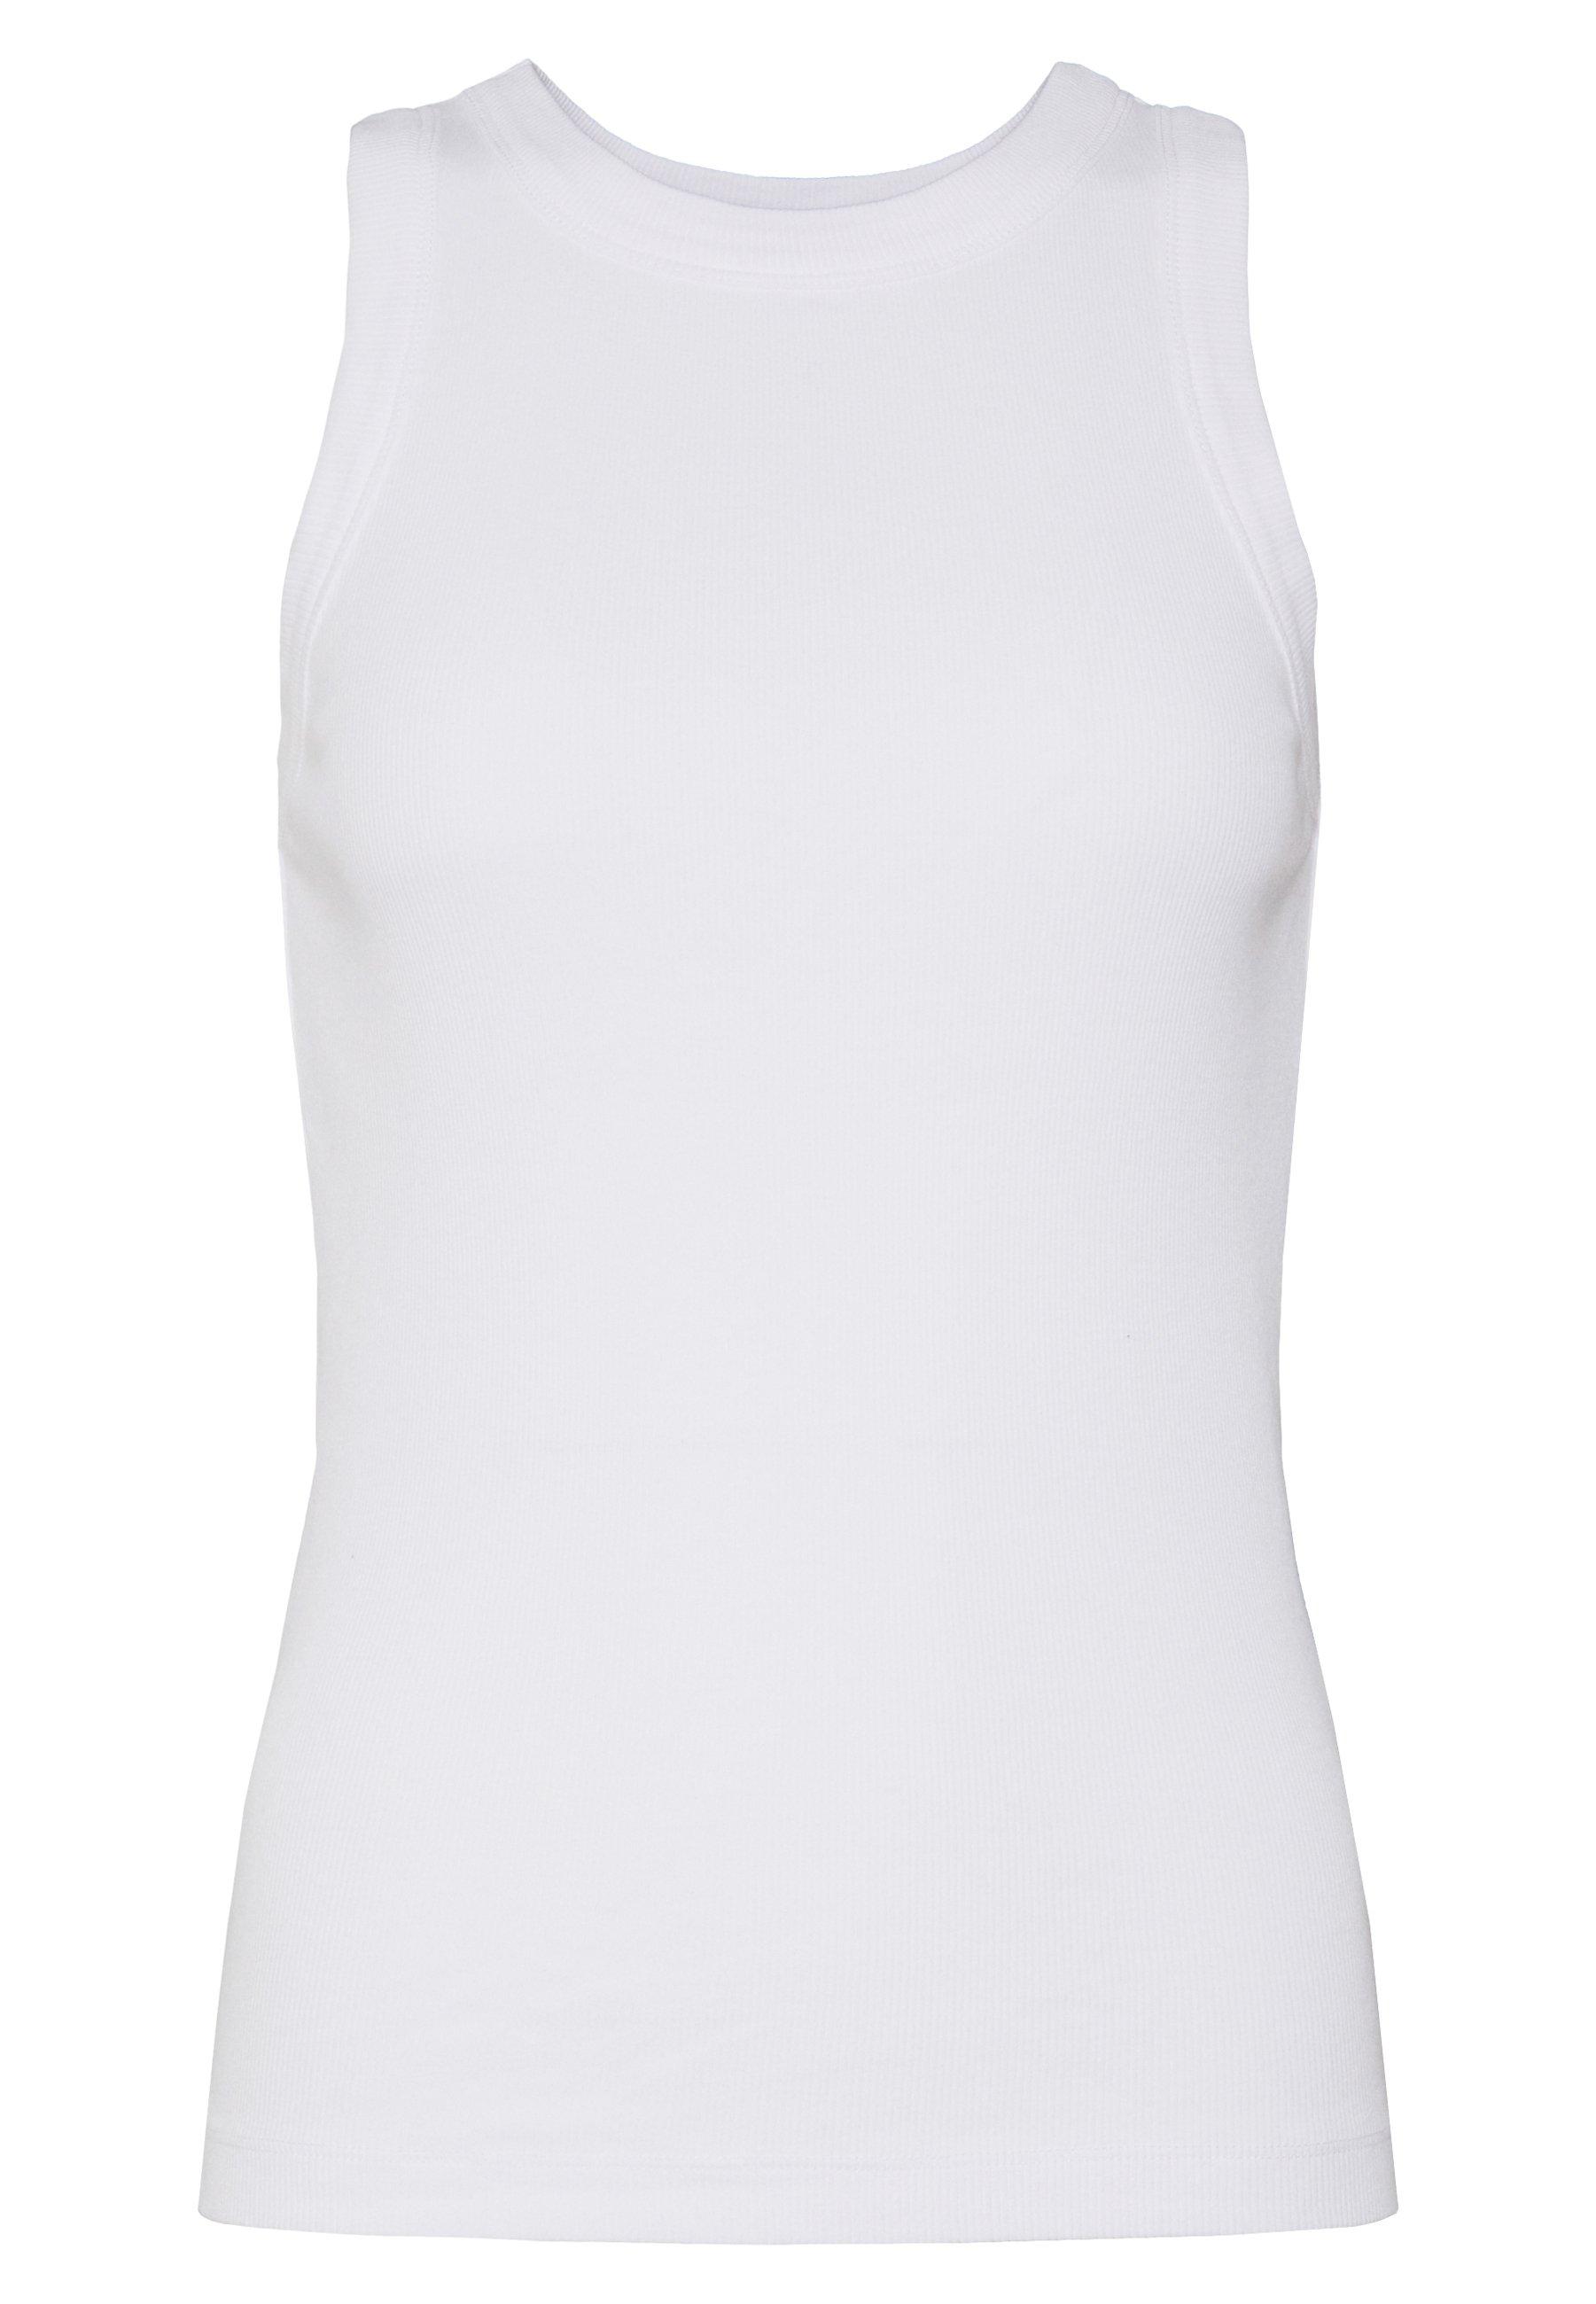 Drykorn Olina - Topper White/hvit